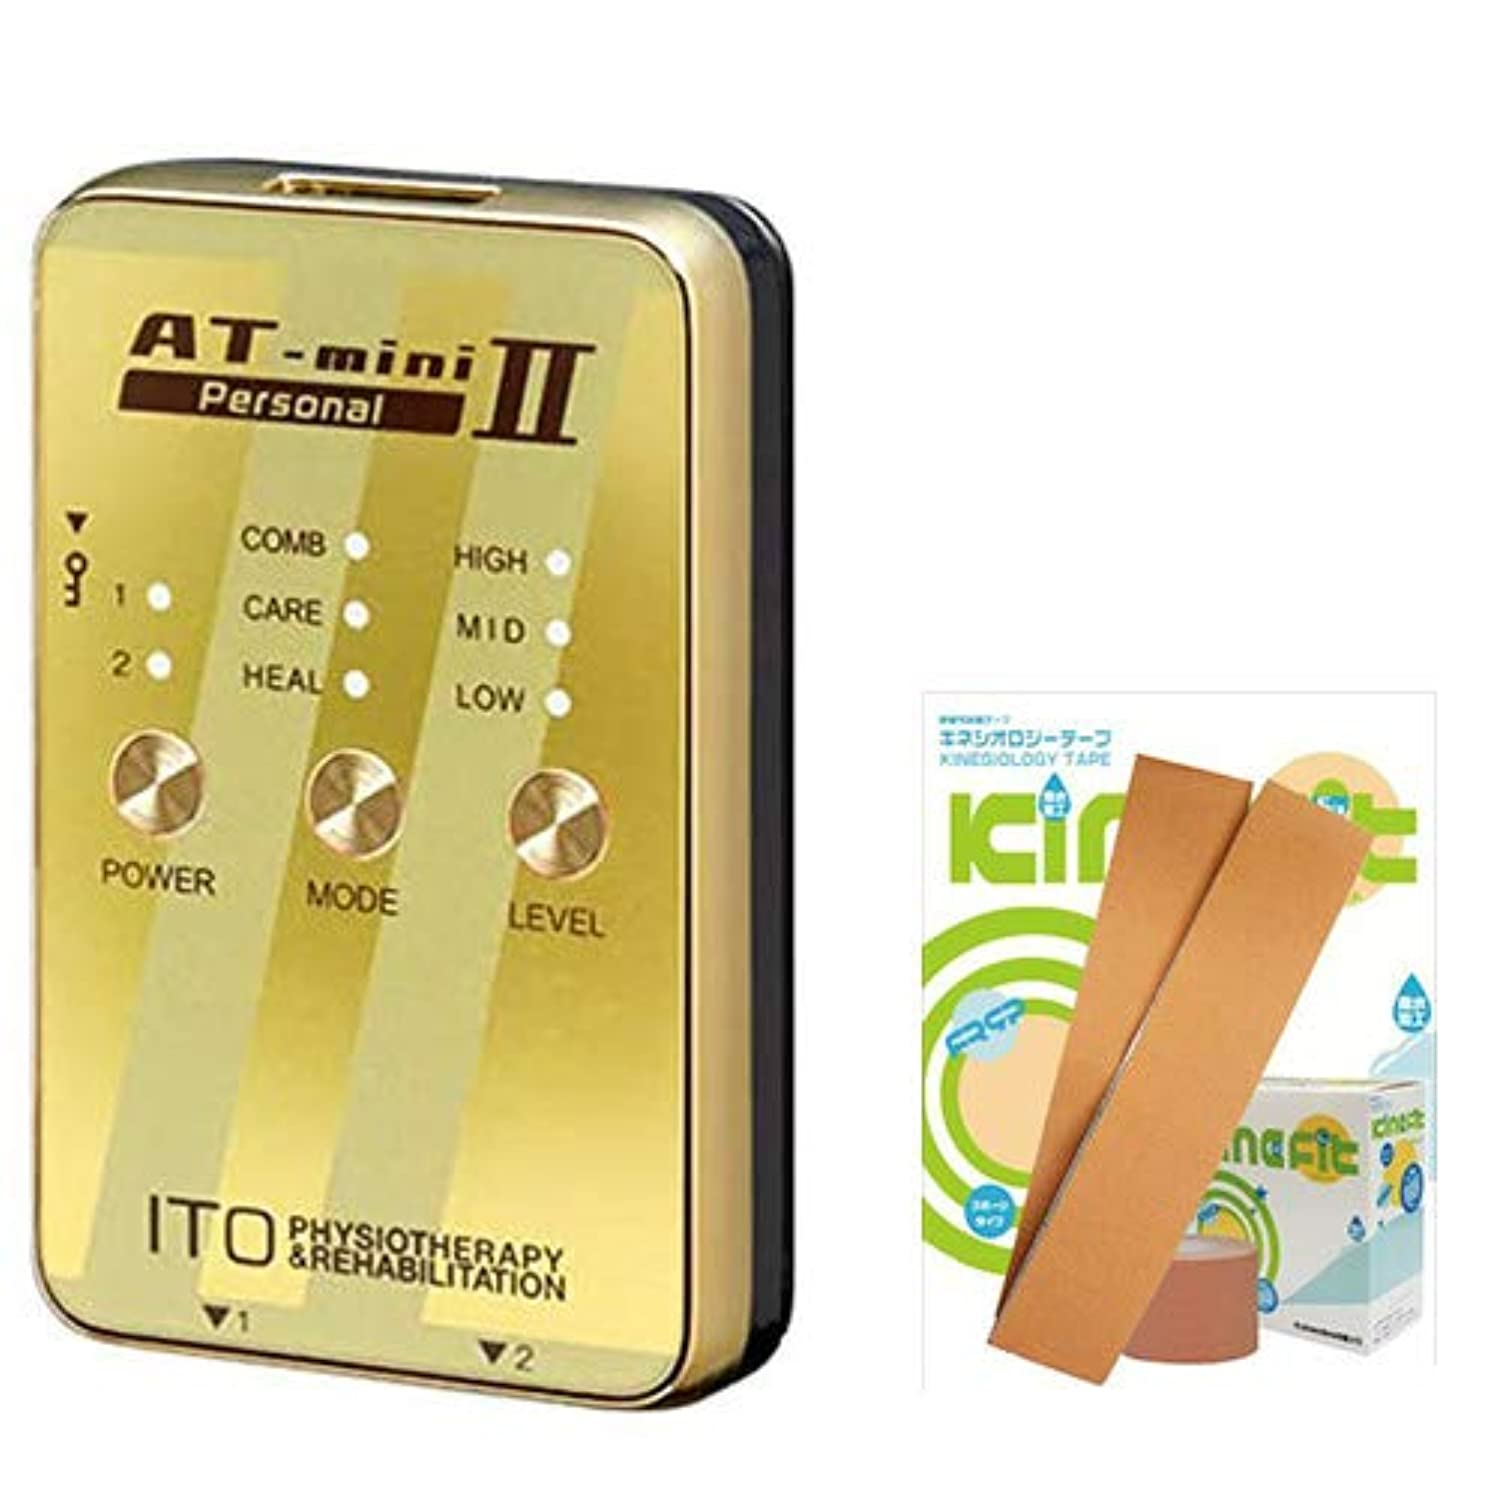 時代遅れ権限放射能低周波治療器 AT-mini personal II ゴールド (ATミニパーソナル2) +キネフィットテープ50cmセット